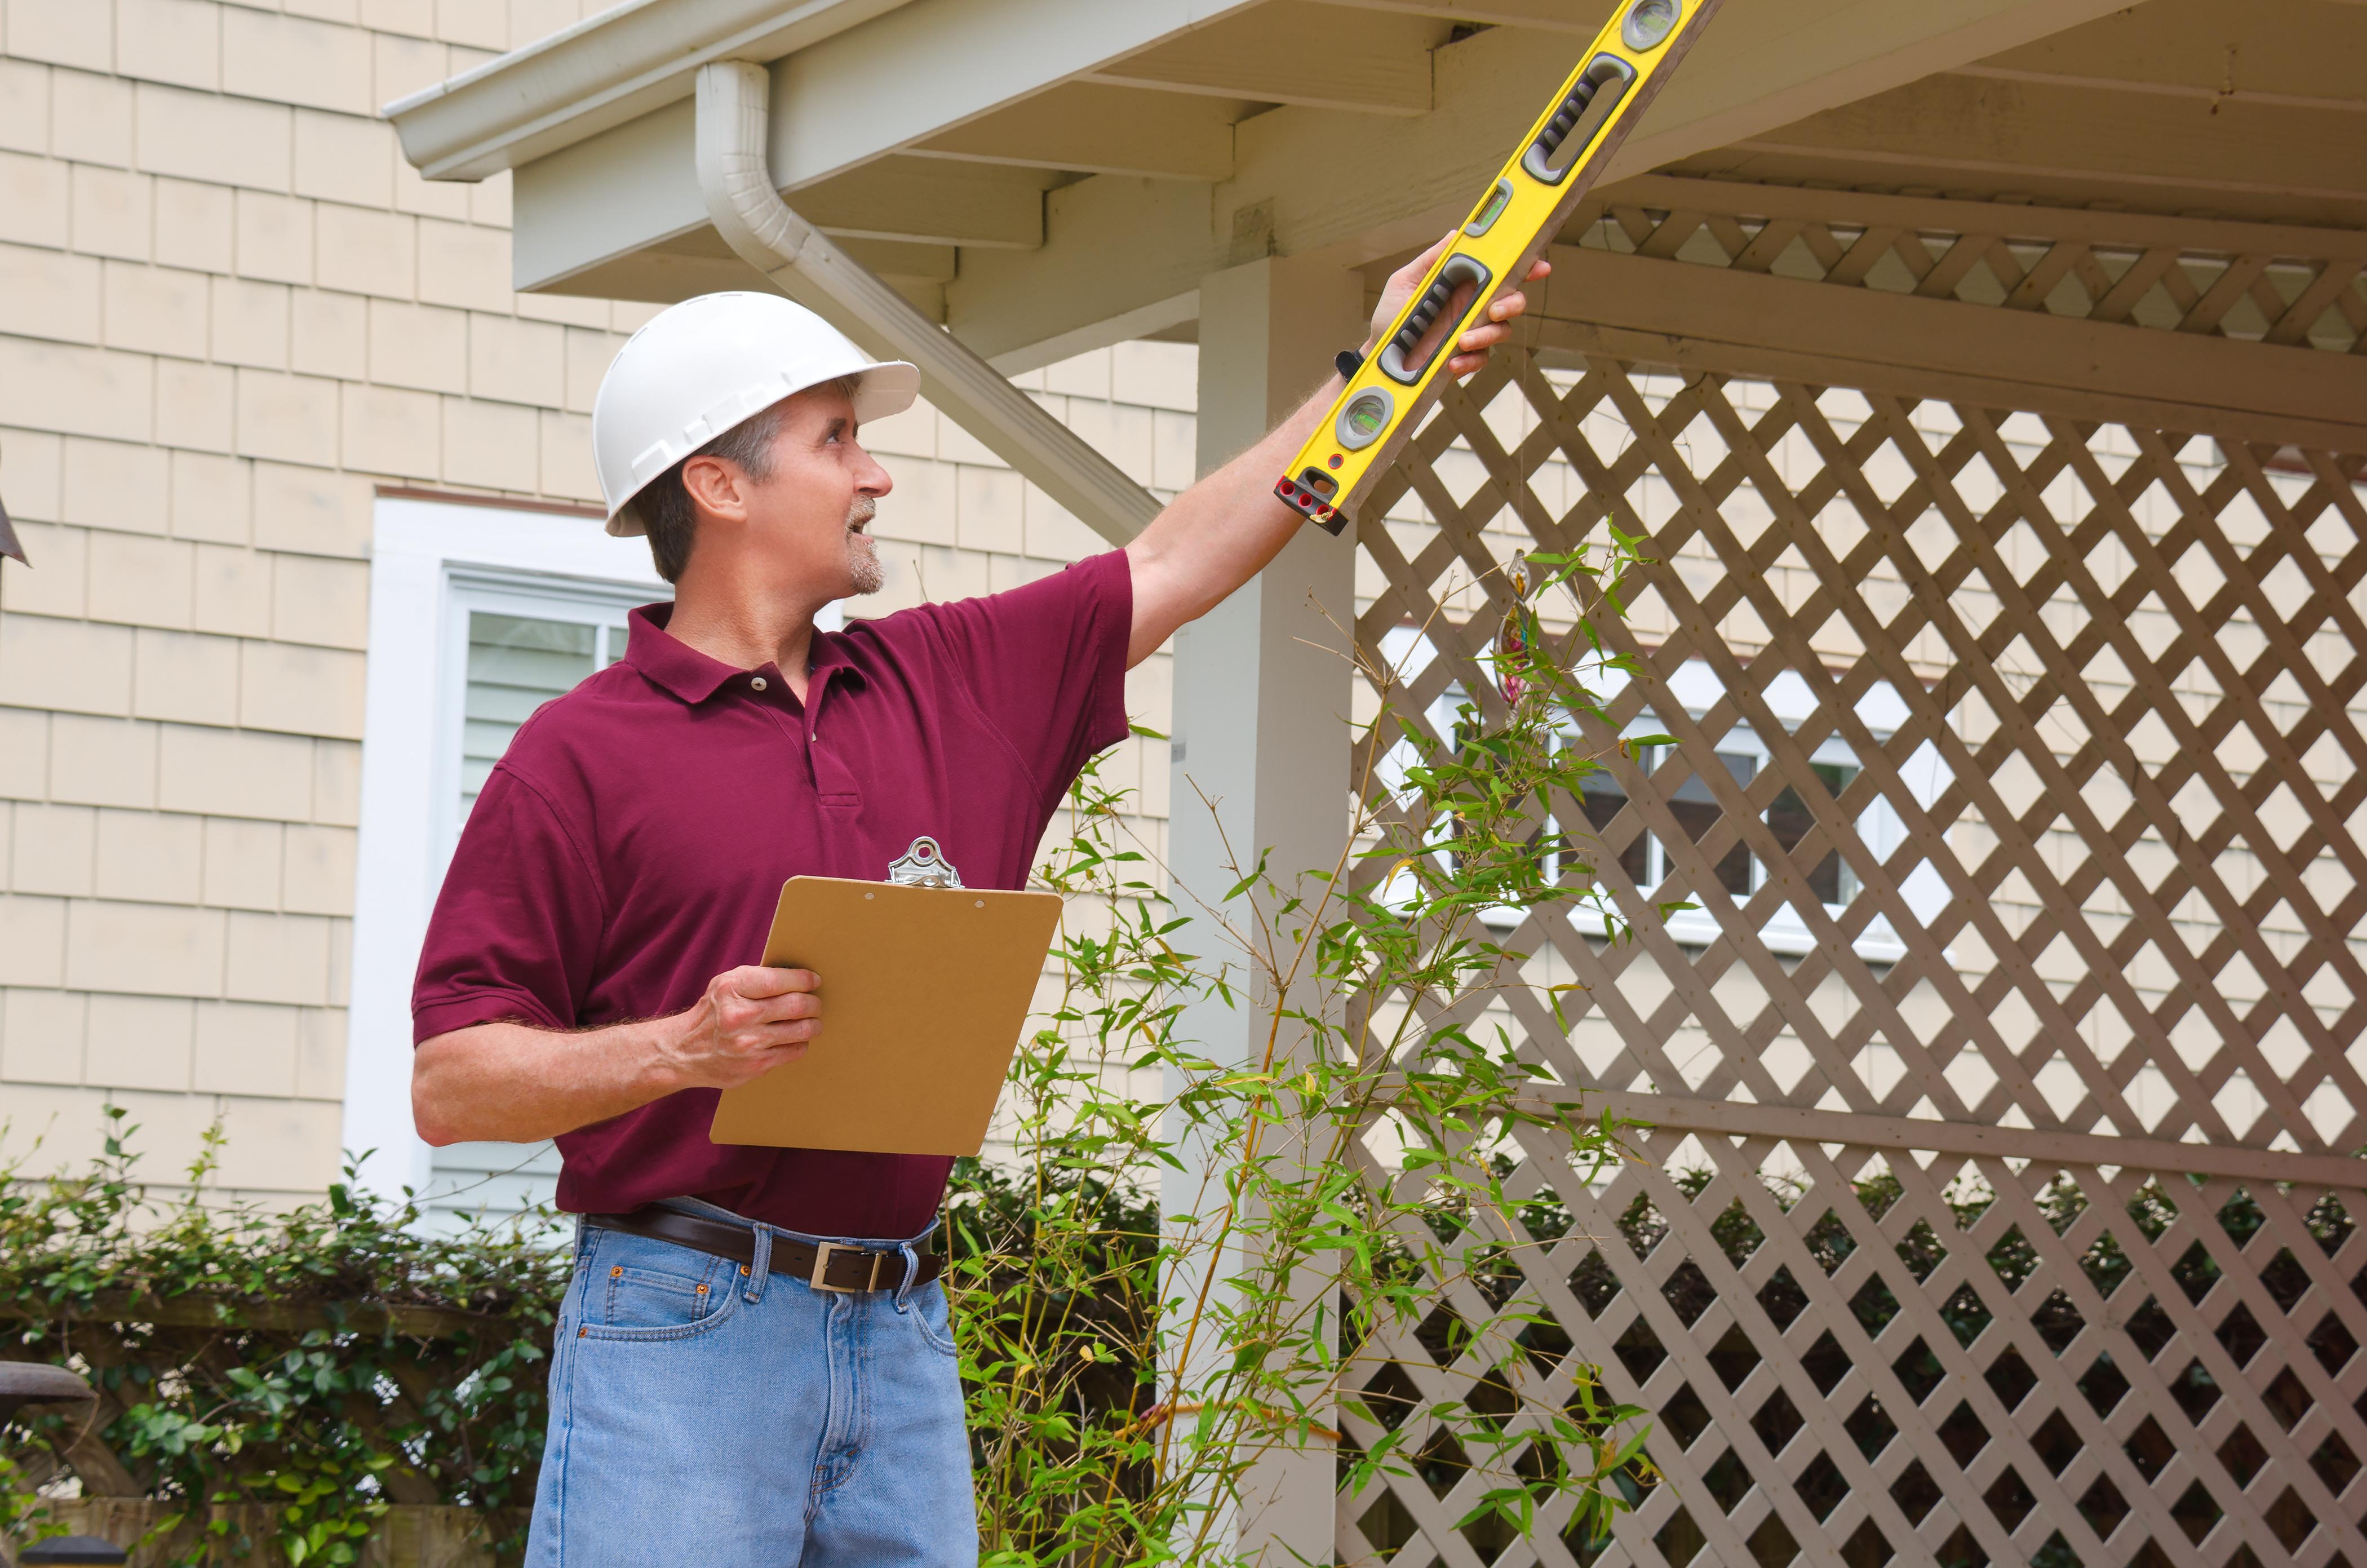 Contractor inspecting work.